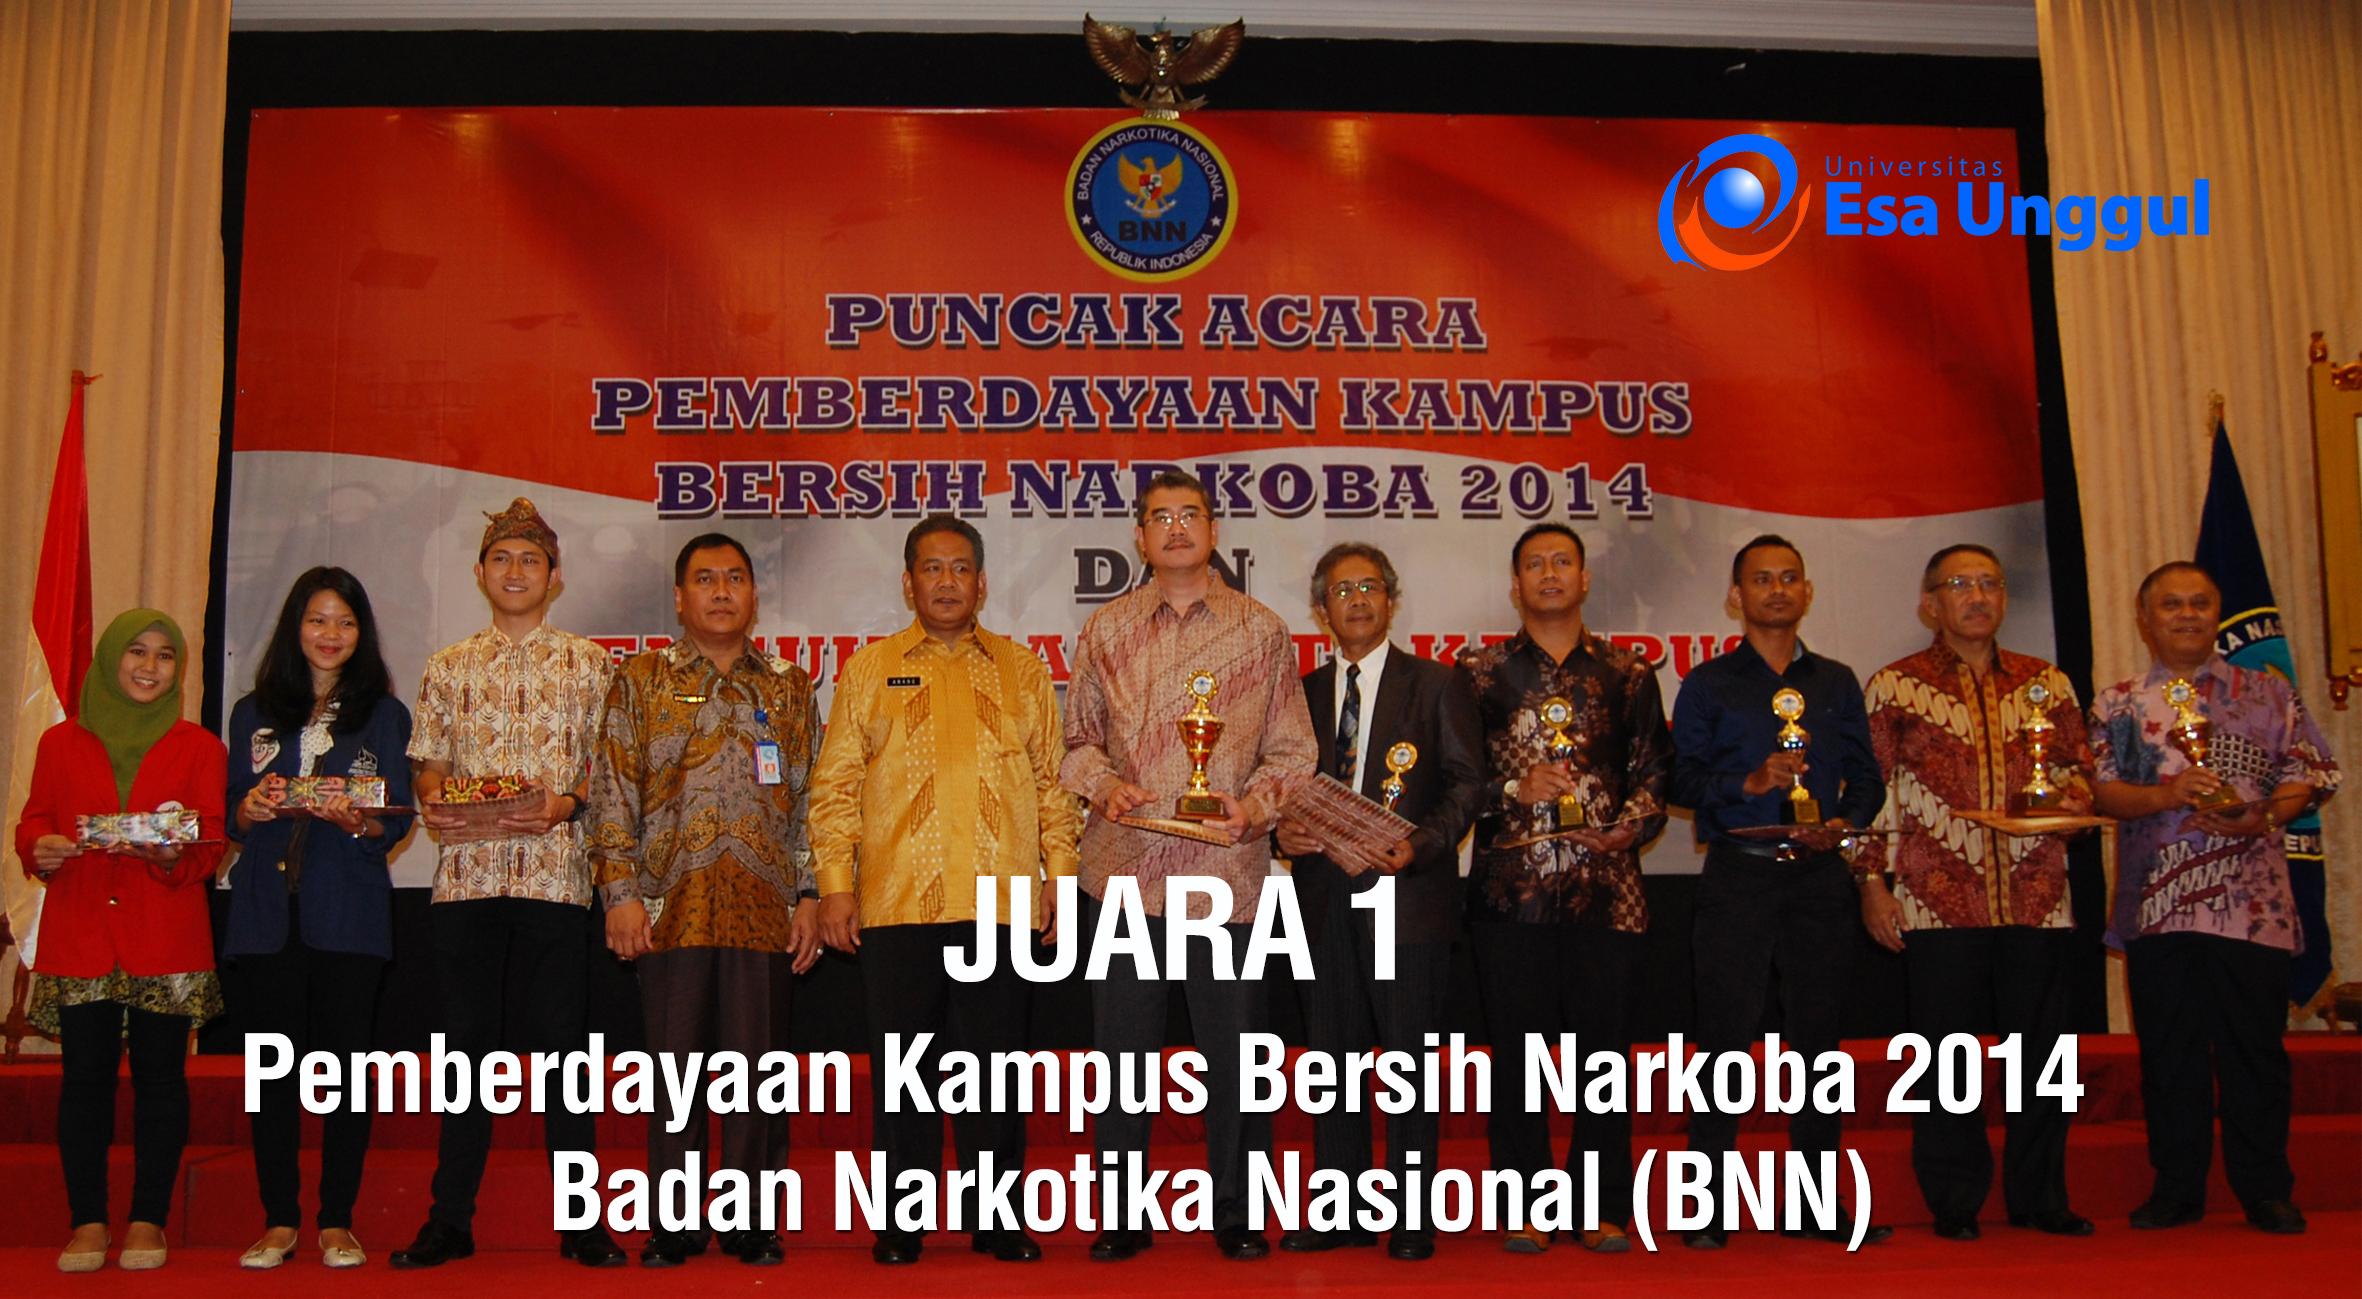 Universitas Esa Unggul meraih Juara 1 Pemberdayaan Kampus Bersih Narkoba 2014 yang diselenggarakan oleh Badan Narkotika Nasional (BNN)